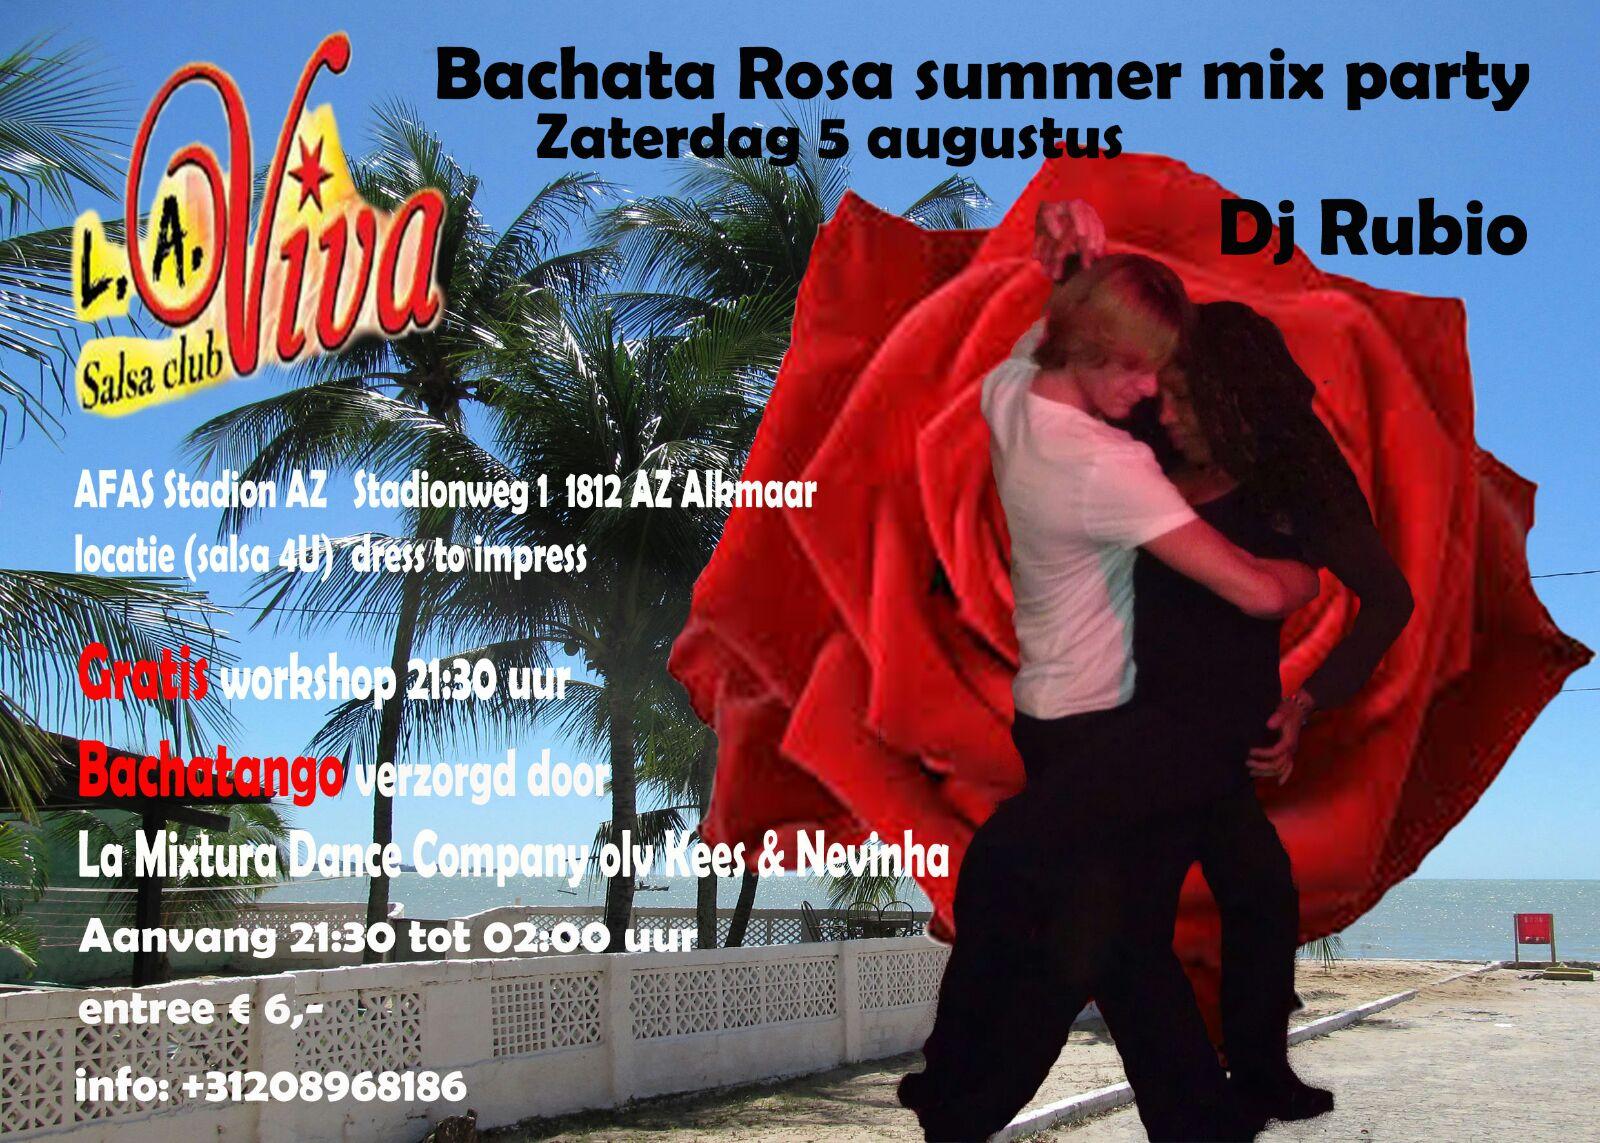 Bachata Rosa summer mix party